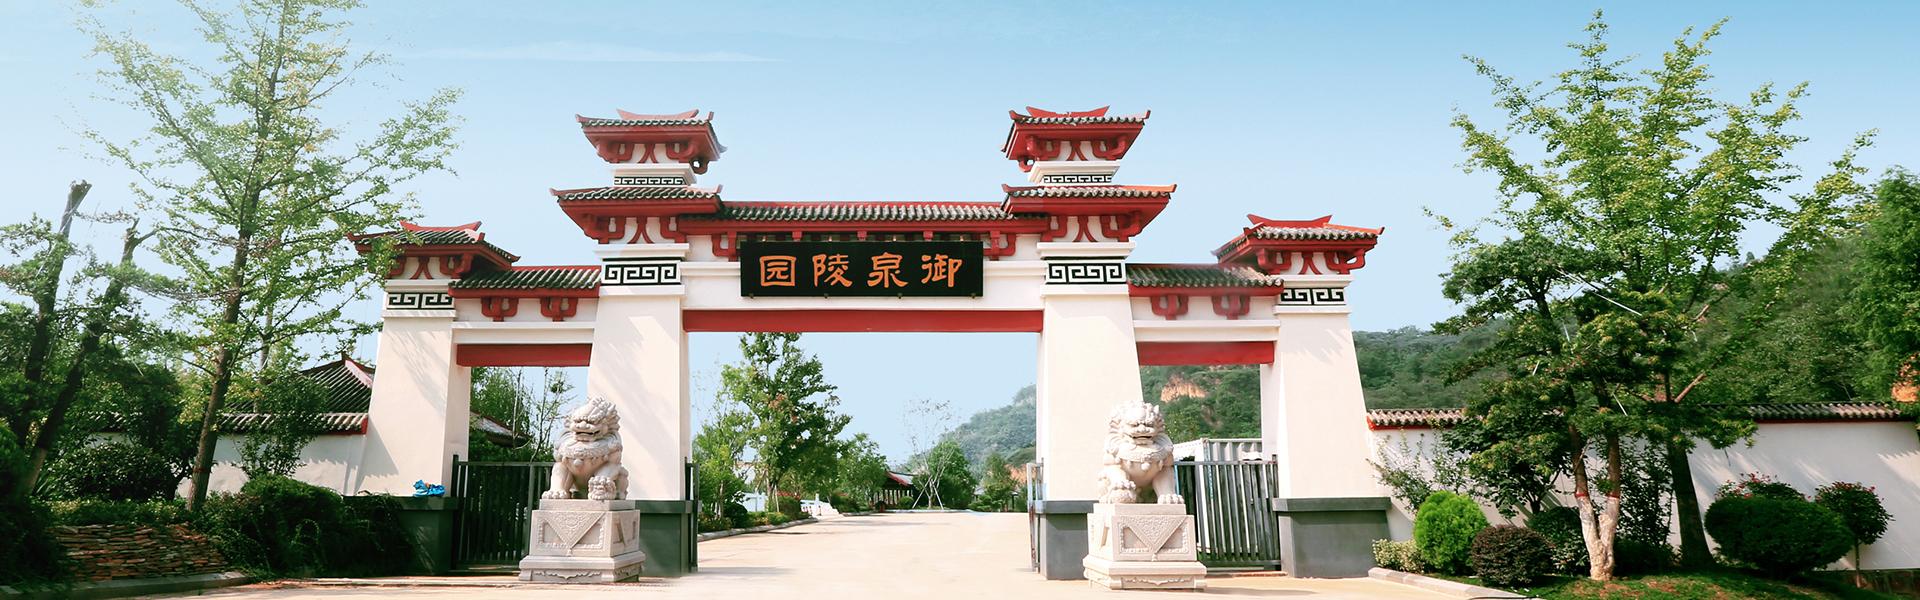 苏州名流陵园公墓